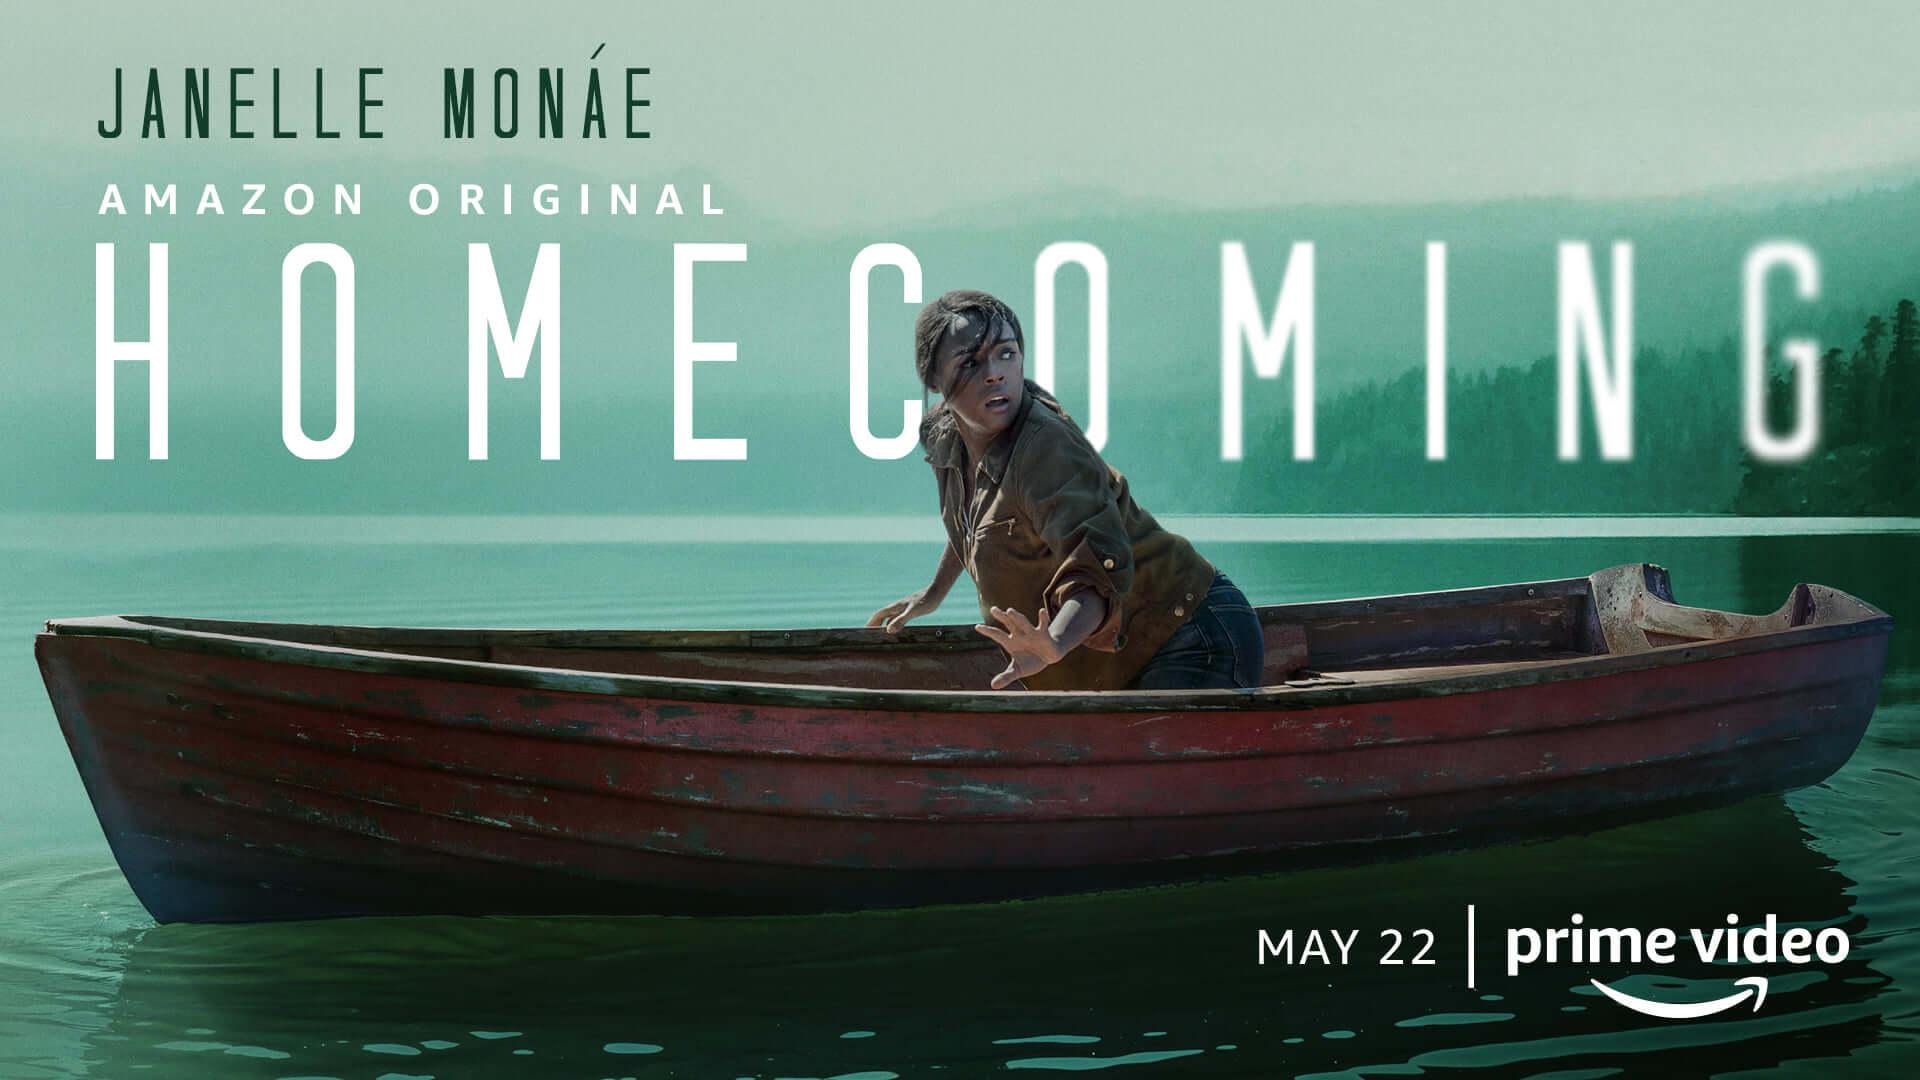 ジャネール・モネイ主演『ホーム・カミング』シーズン2や岡田准一『関ヶ原』など独占配信開始!Amazon Prime Videoの5月新着コンテンツが解禁 film200420_amazon_prime_1-1920x1080